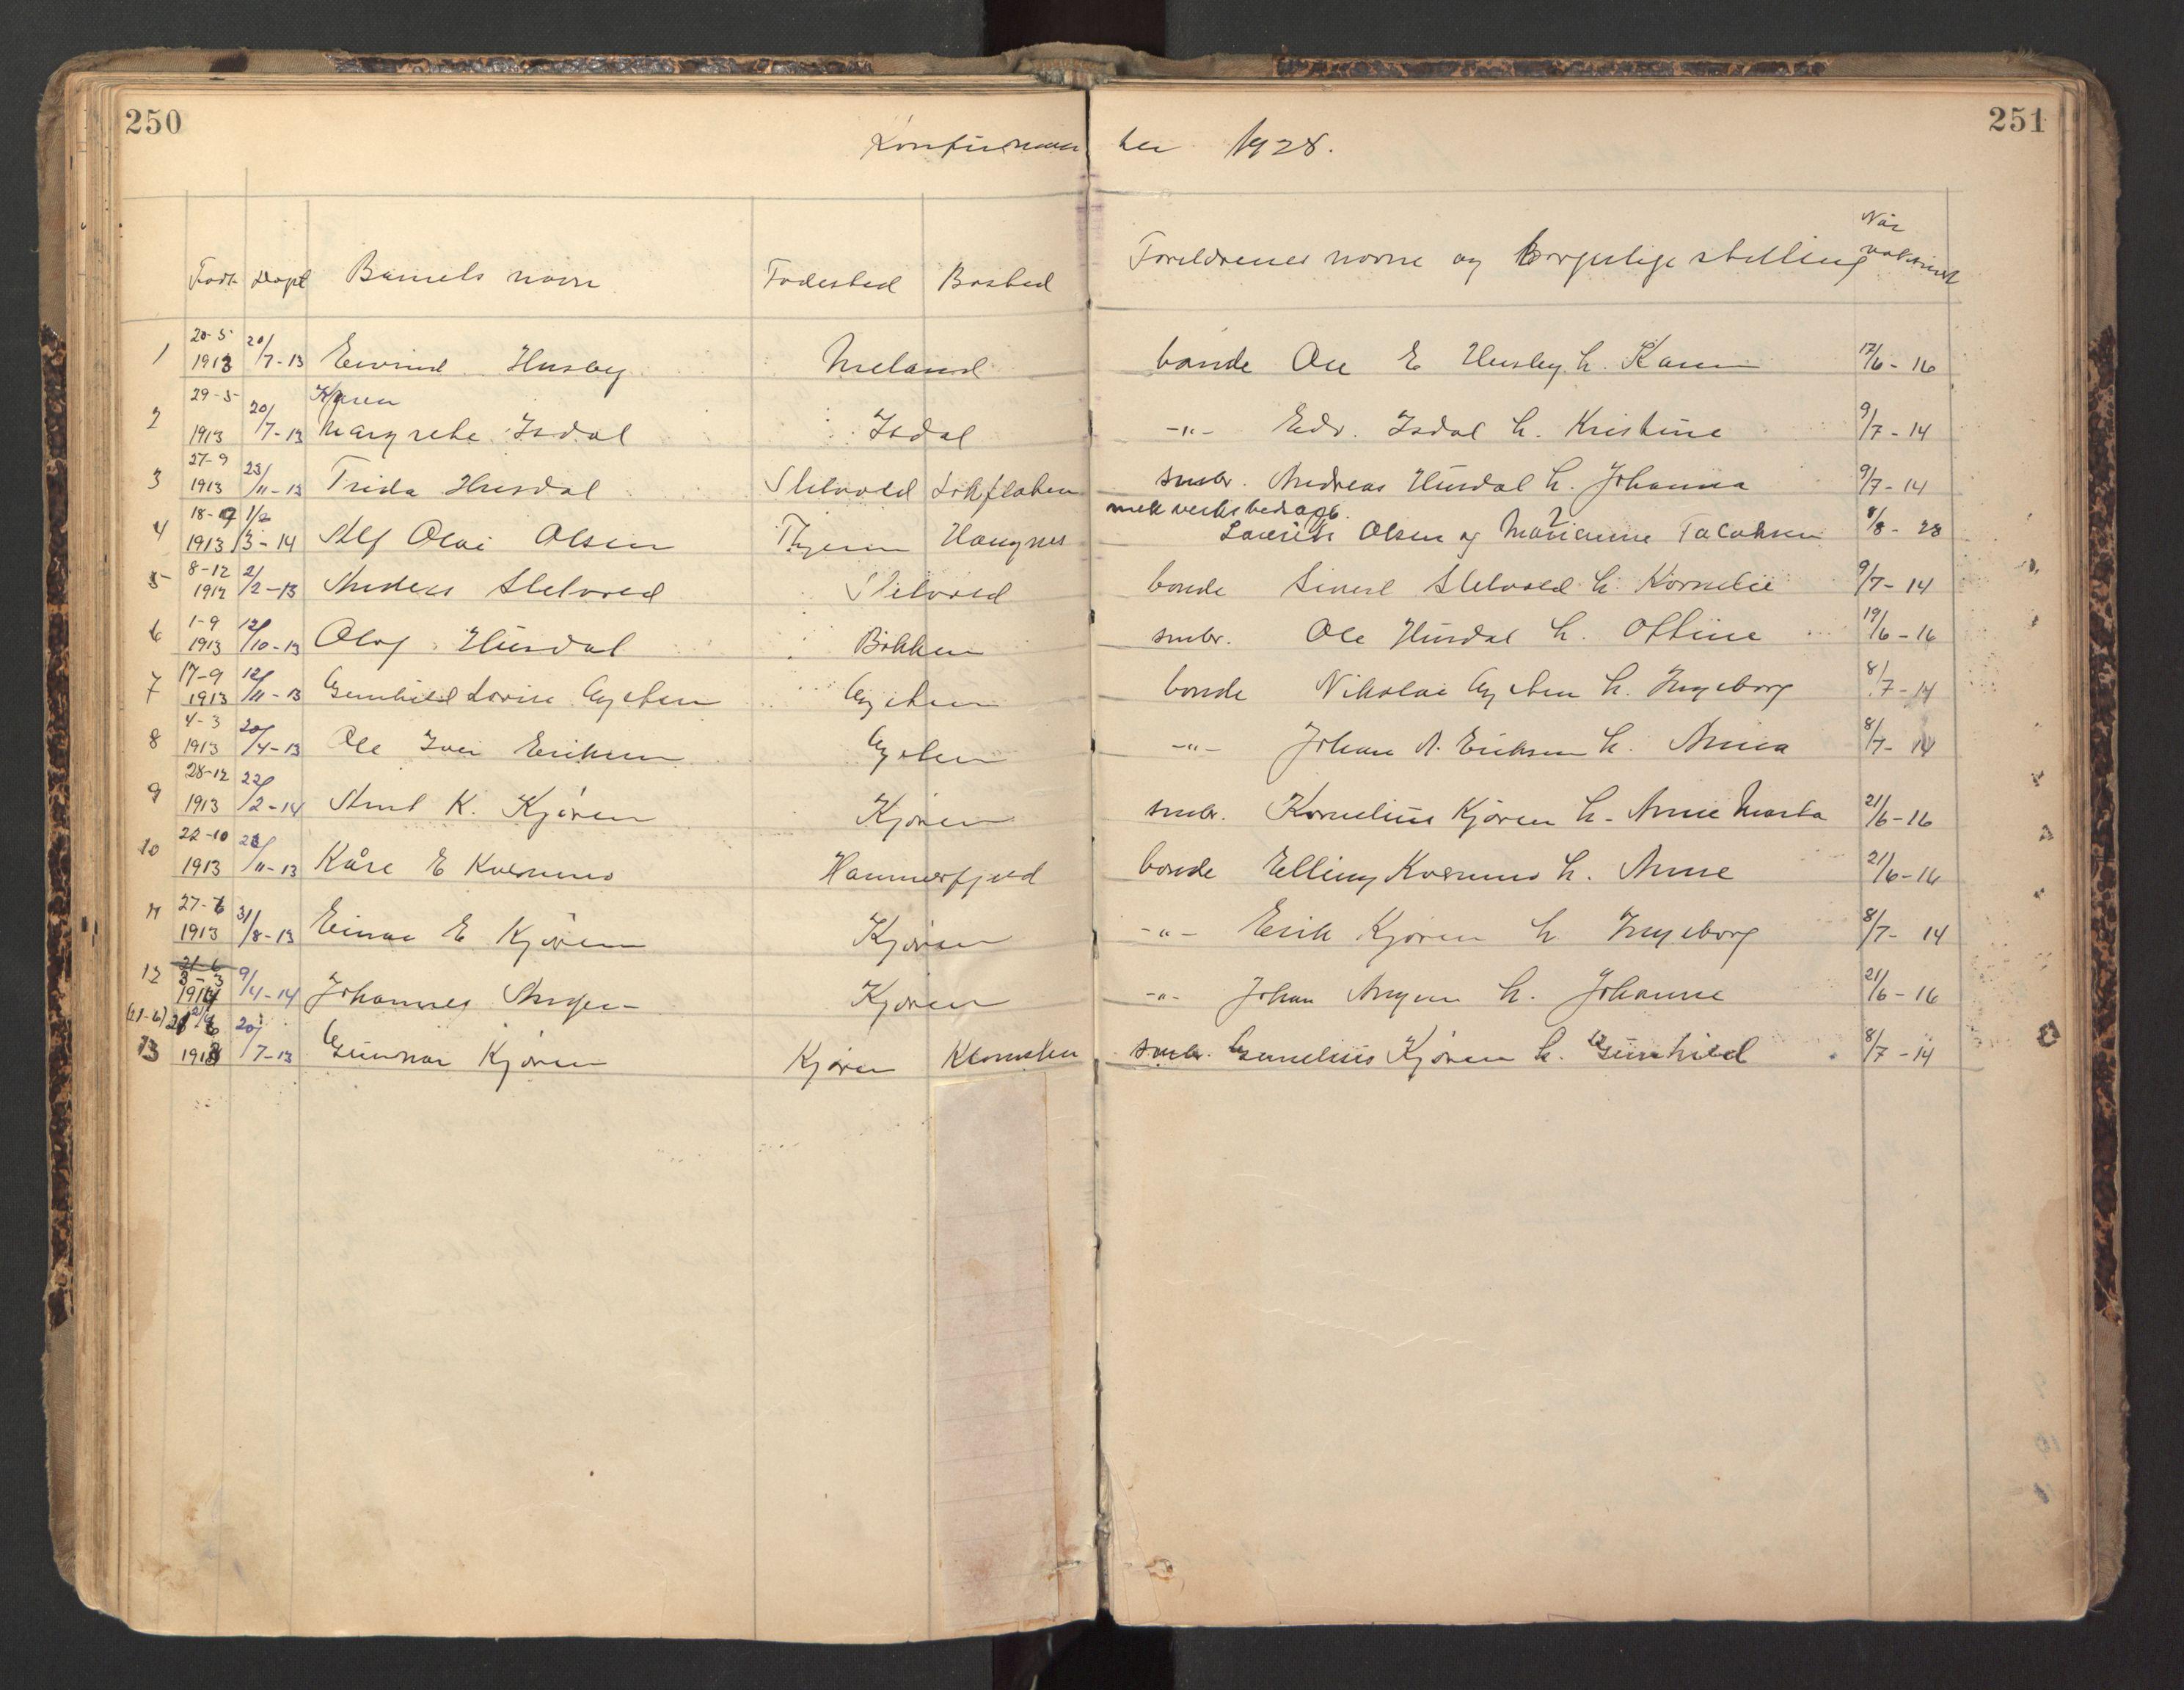 SAT, Ministerialprotokoller, klokkerbøker og fødselsregistre - Sør-Trøndelag, 670/L0837: Klokkerbok nr. 670C01, 1905-1946, s. 250-251